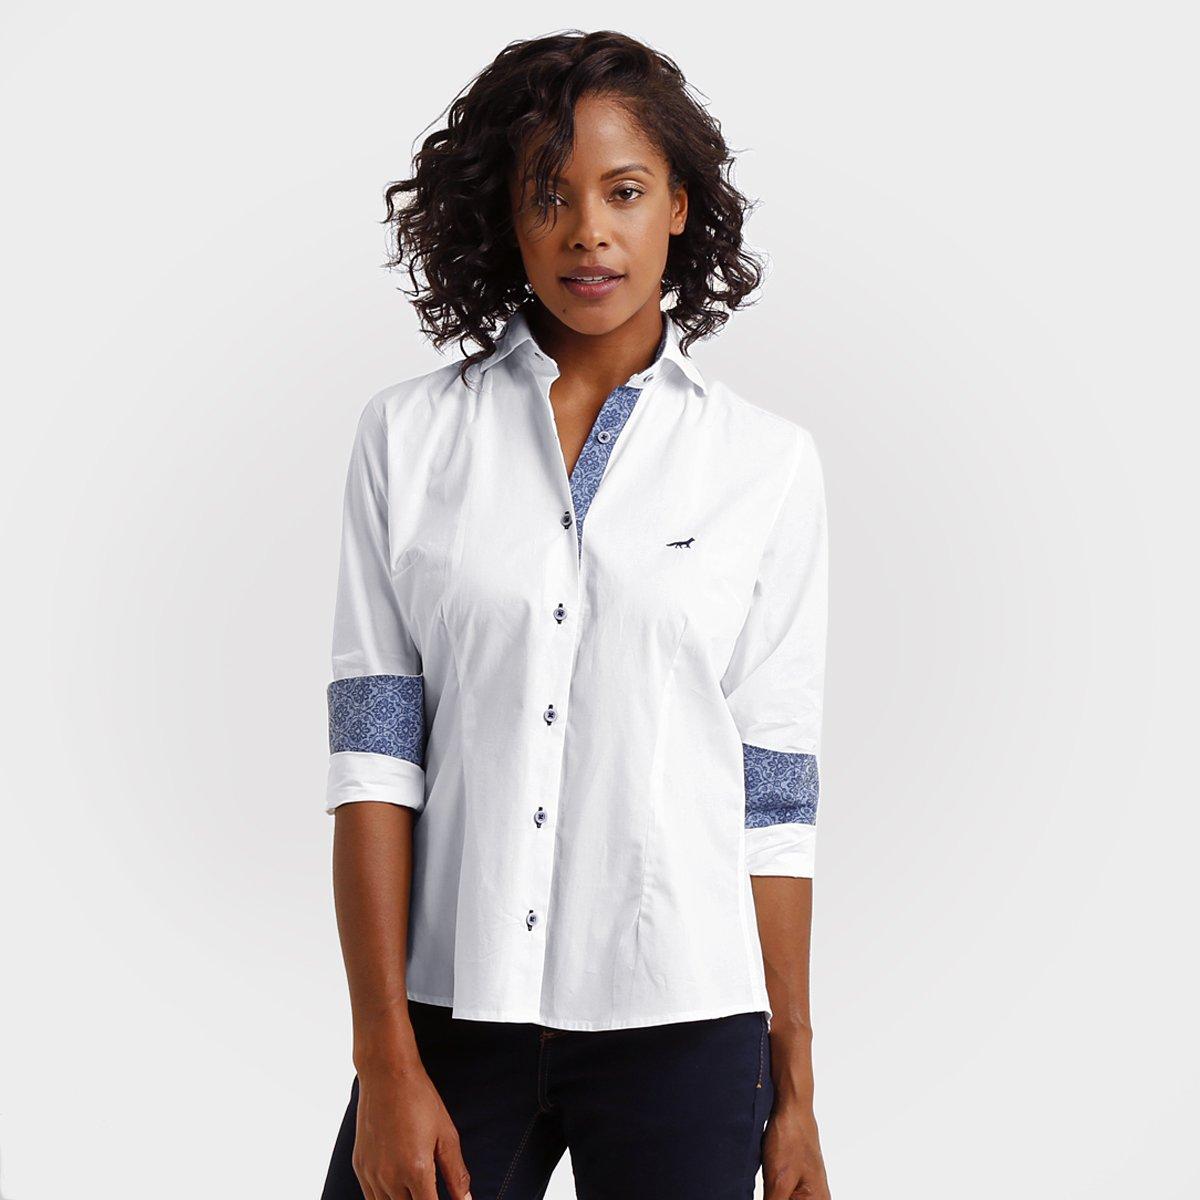 Camisa Social Cruzeiro Palla D Oro Feminina - Compre Agora  5d1cbba5662fe